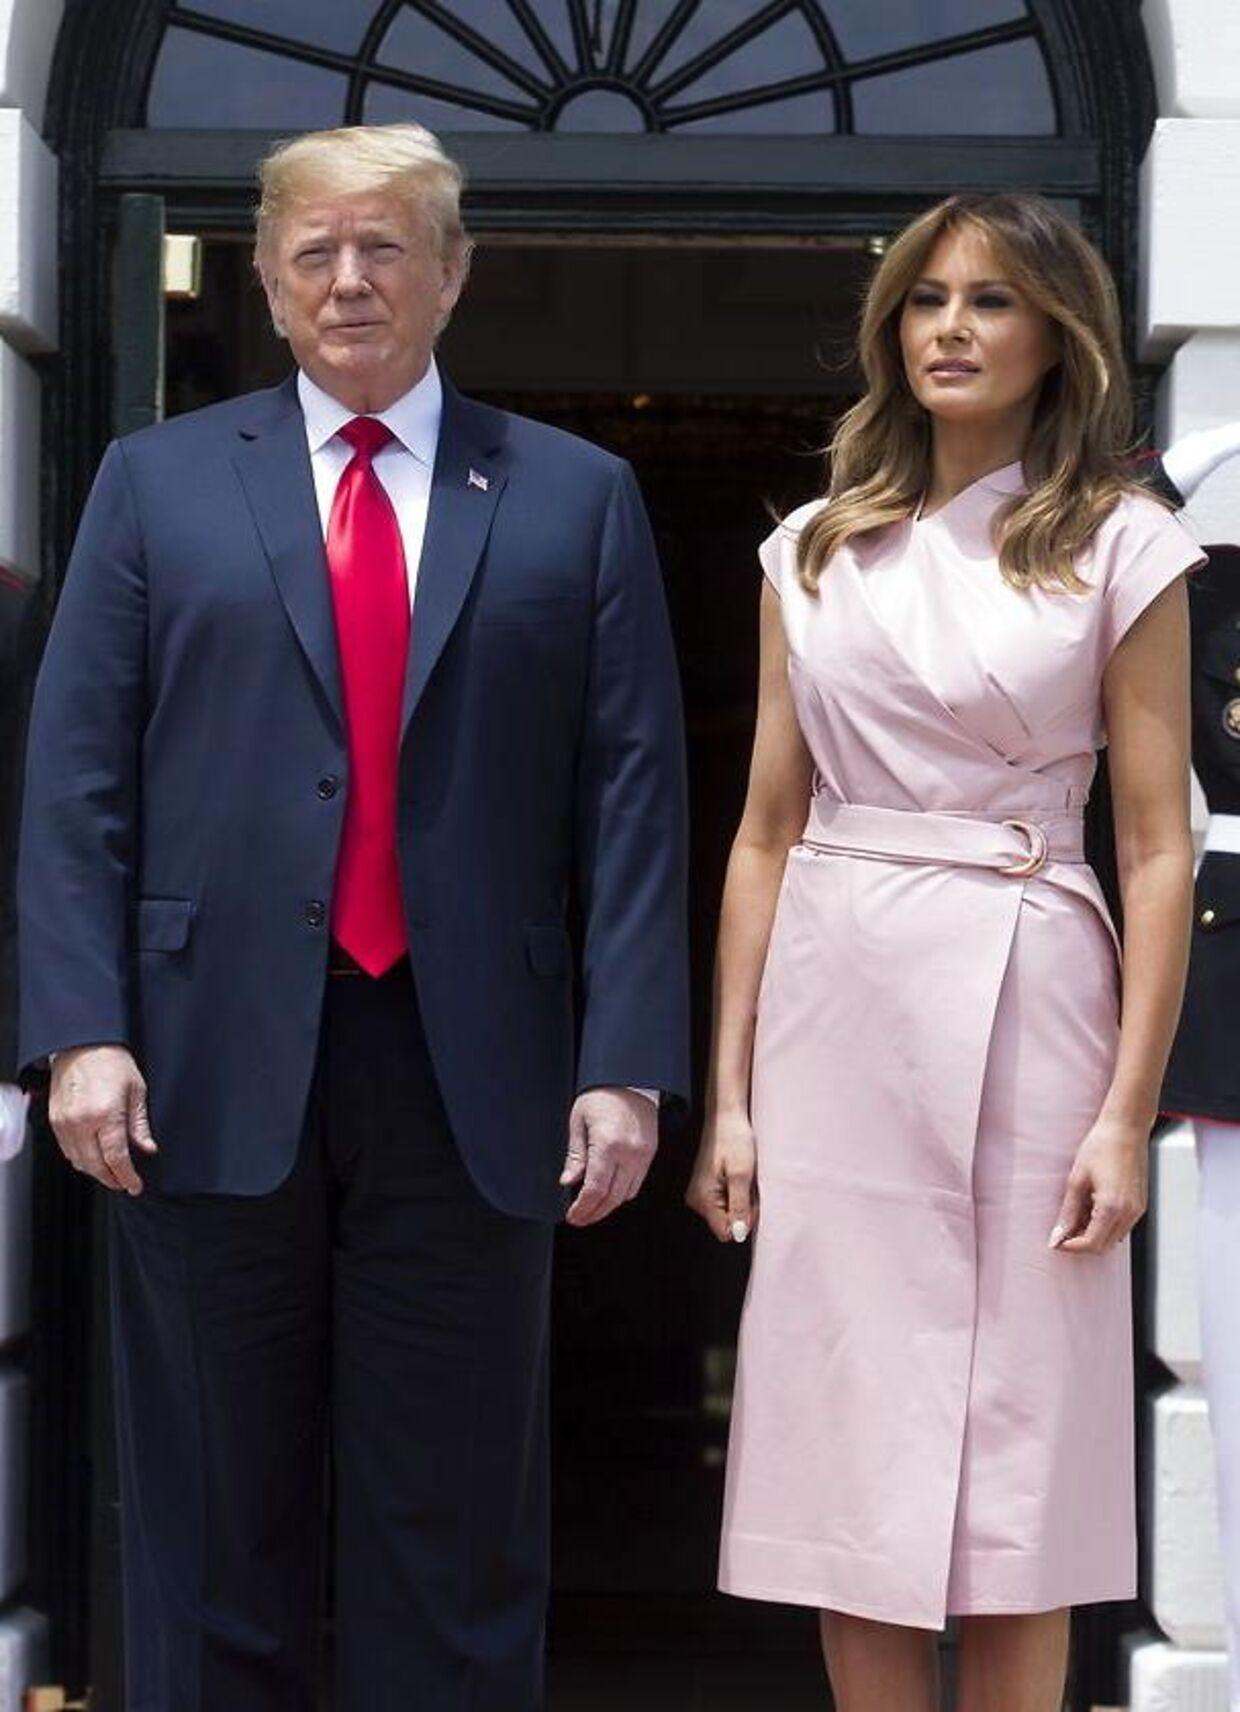 Der er sjældent den store fysiske kontakt imellem præsidenten og førstedamen.